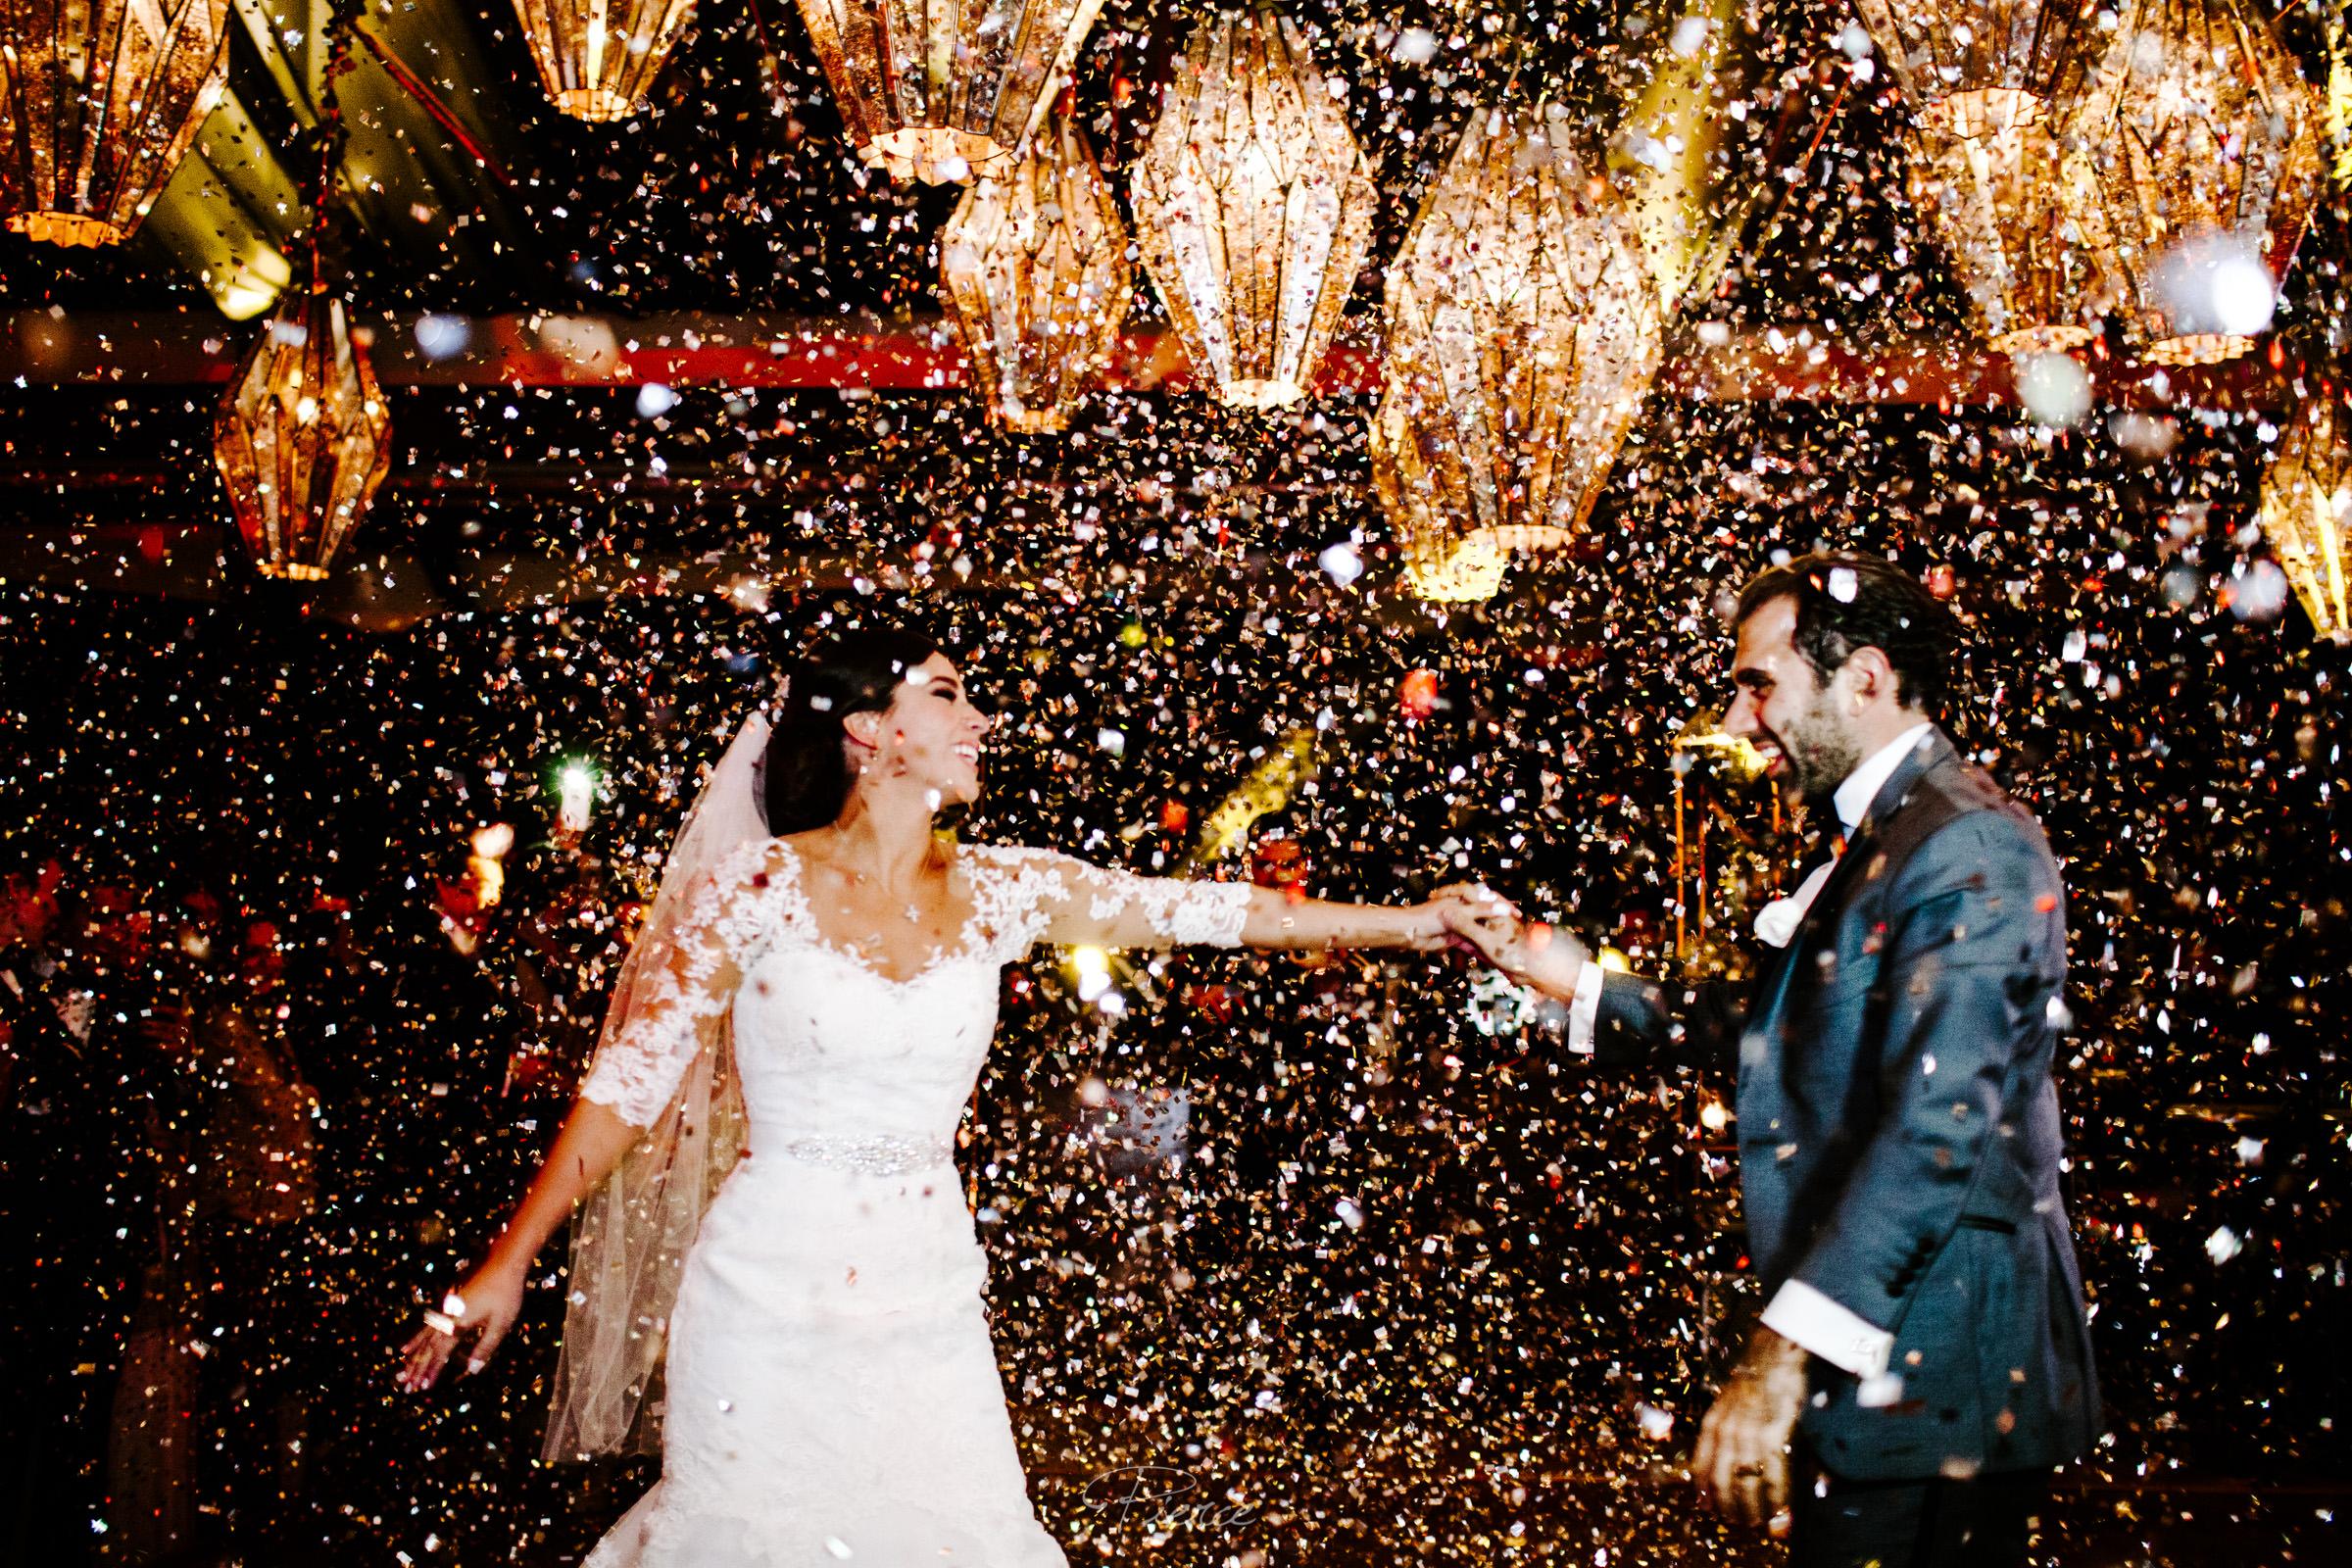 fotografia-de-boda-valle-de-bravo-mexico-rosmarino-pierce-weddings-0179.JPG